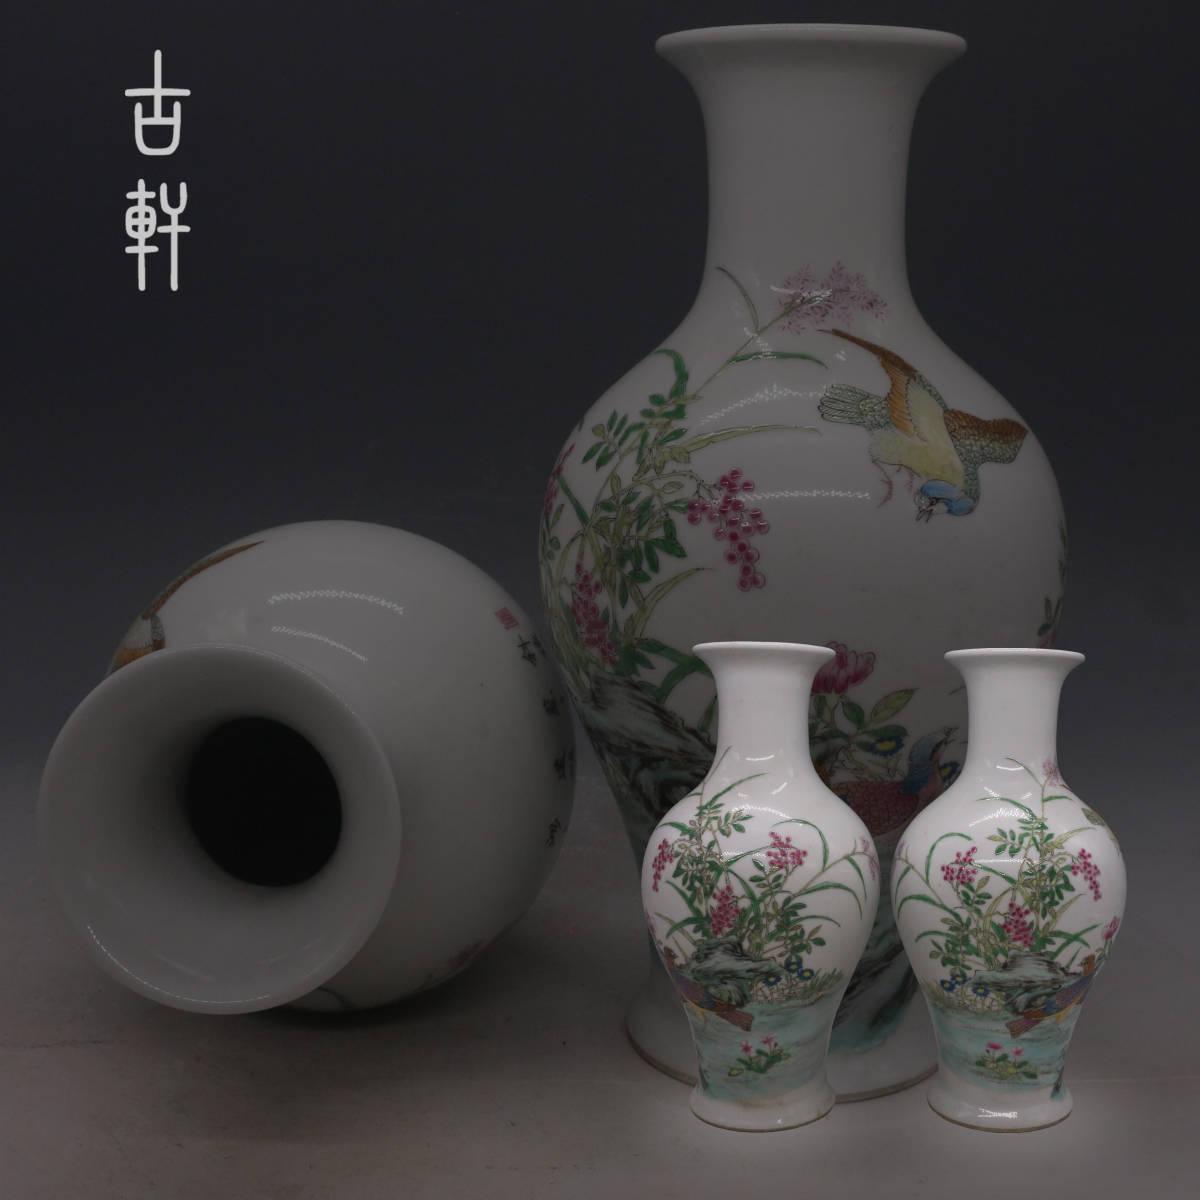 【0318CCD0029】中国骨董品 清 粉彩【花鳥紋】手彫 賞瓶 皿 中国古美術 妙美品 秀作 置物